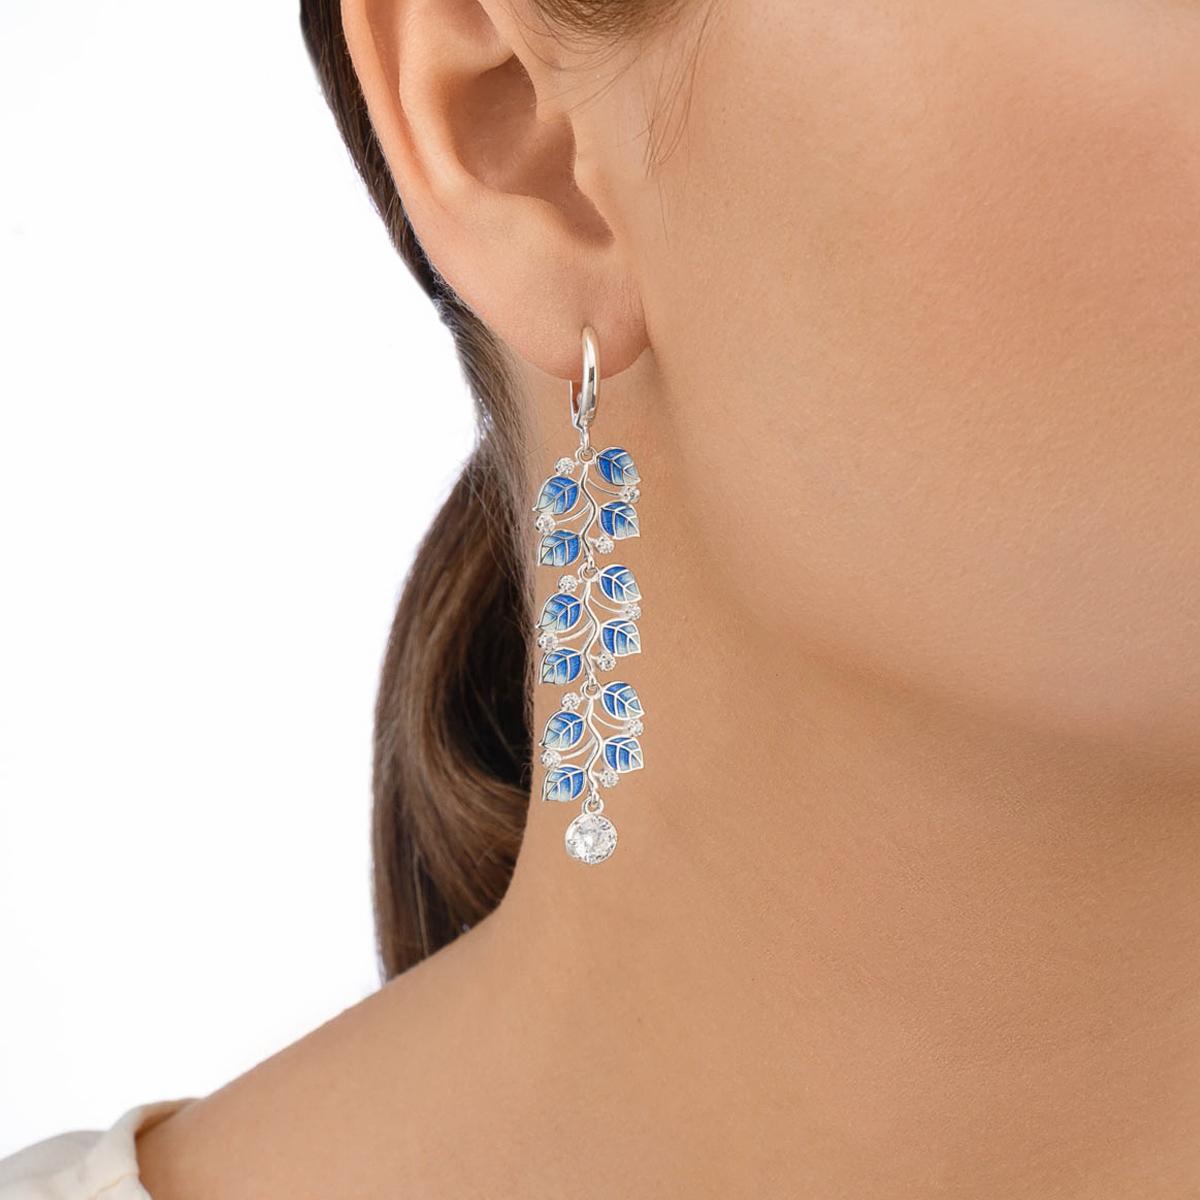 sergi melissa dlinnye sinie - Длинные серьги-подвески серебряные «Мелисса», синие